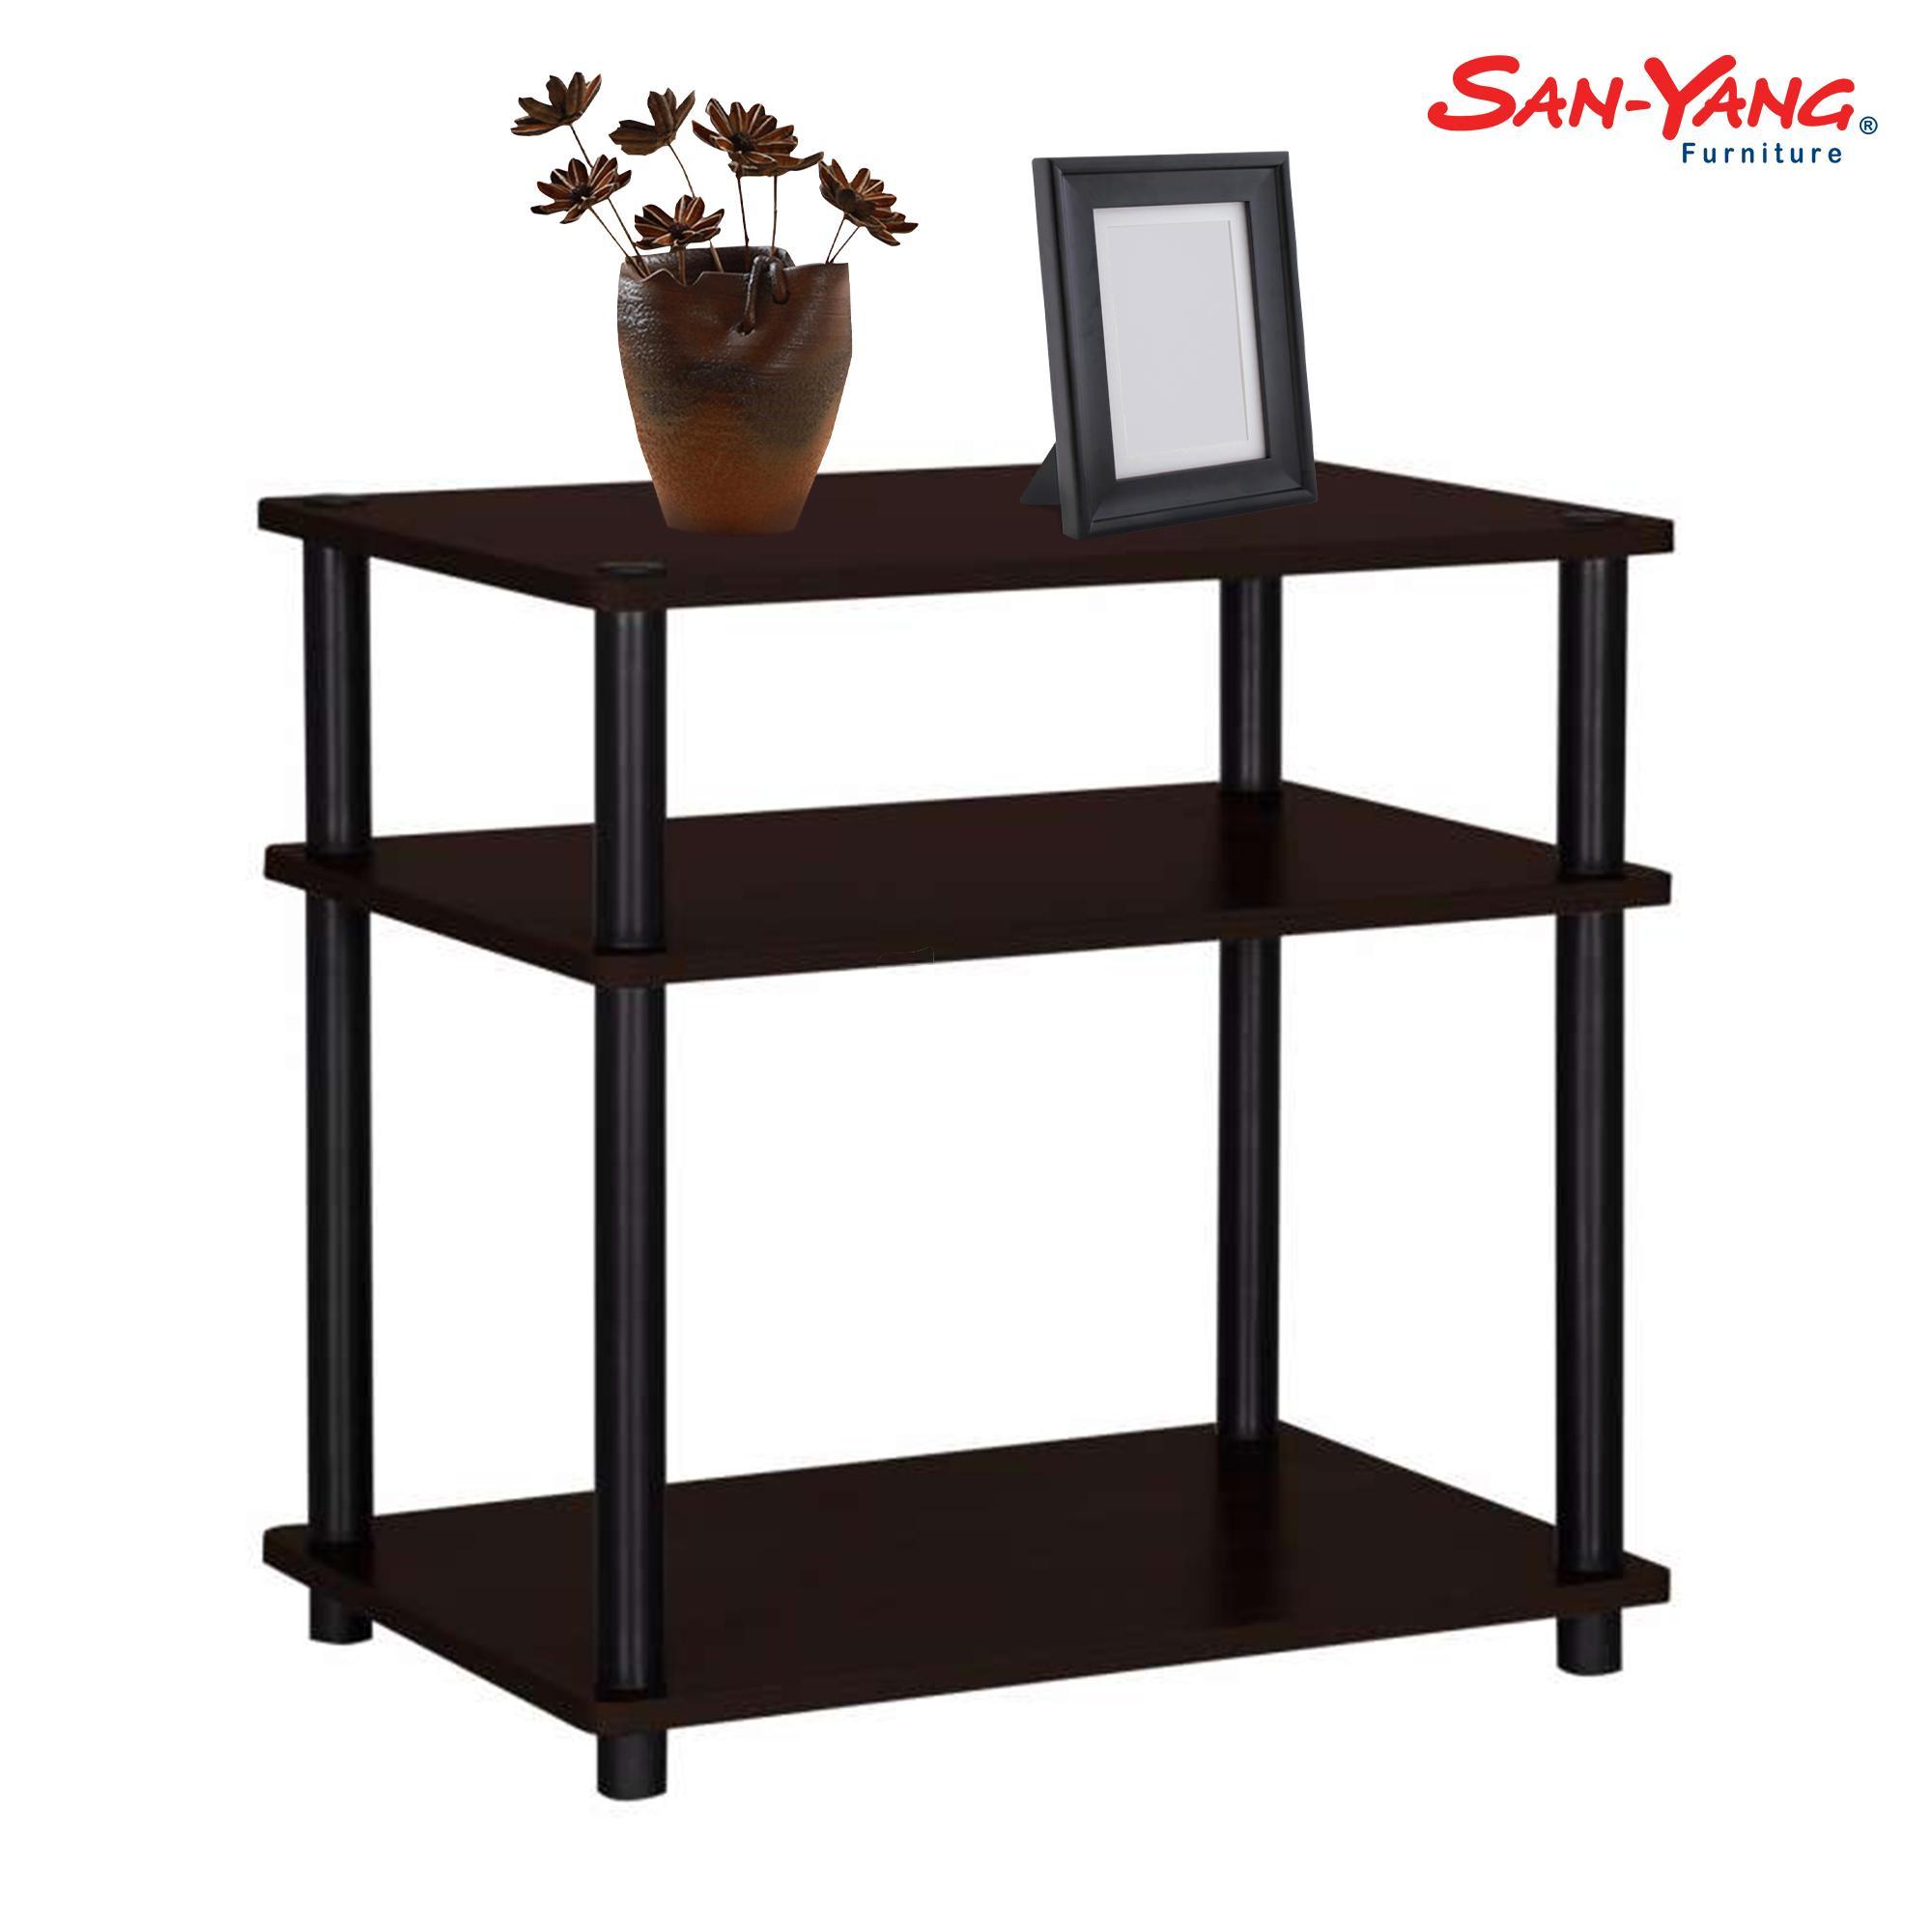 San-Yang Multipurpose Rack Fmr053 By San-Yang Furniture.